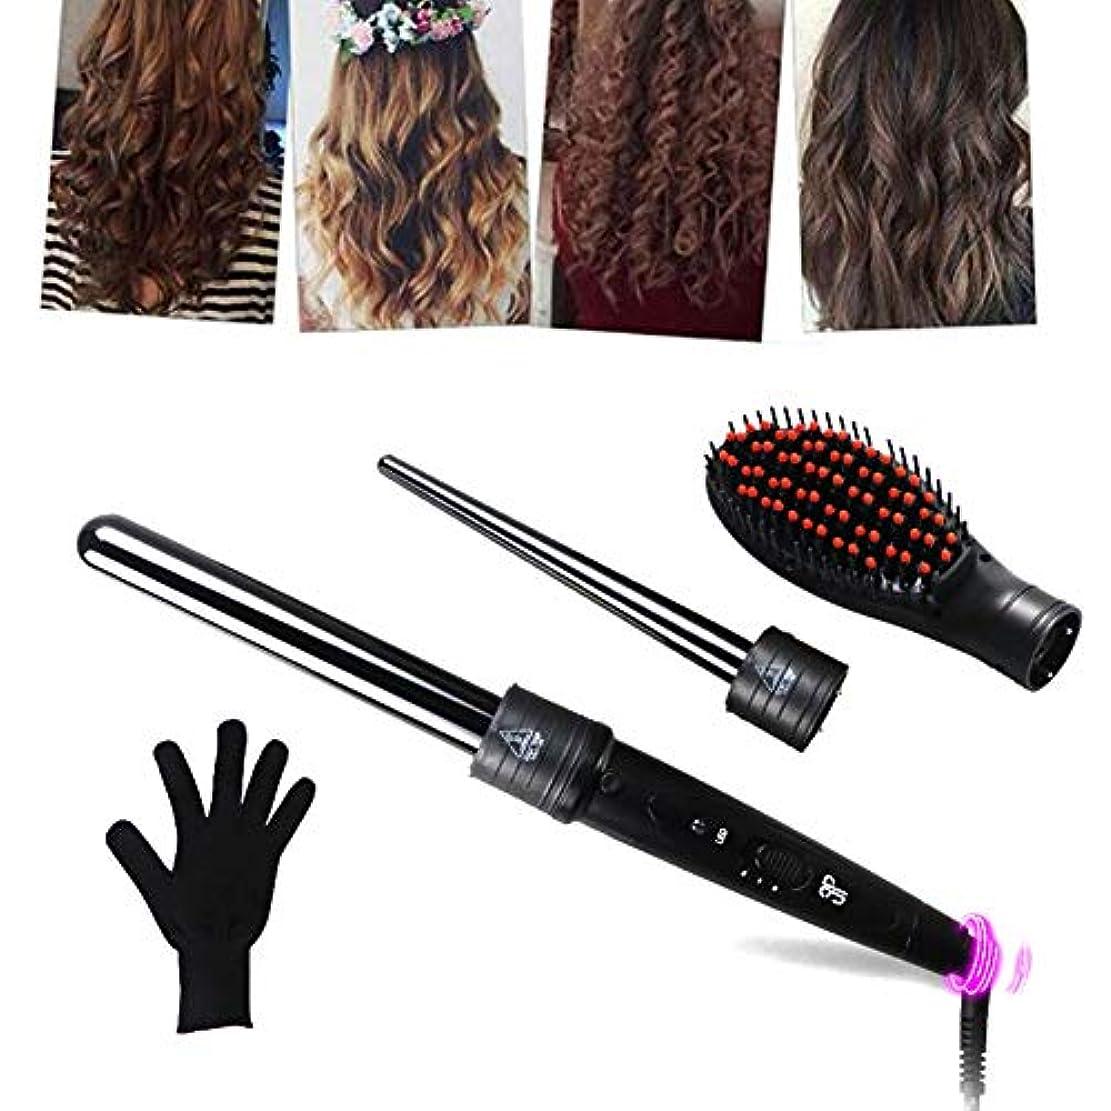 請う美容師作者ヘアカーラー - 2で1カーリングアイロンセット、2髪交換カーラーセラミックバレ 1 ストレートヘアコーム 耐熱手袋が付ル用すべての髪